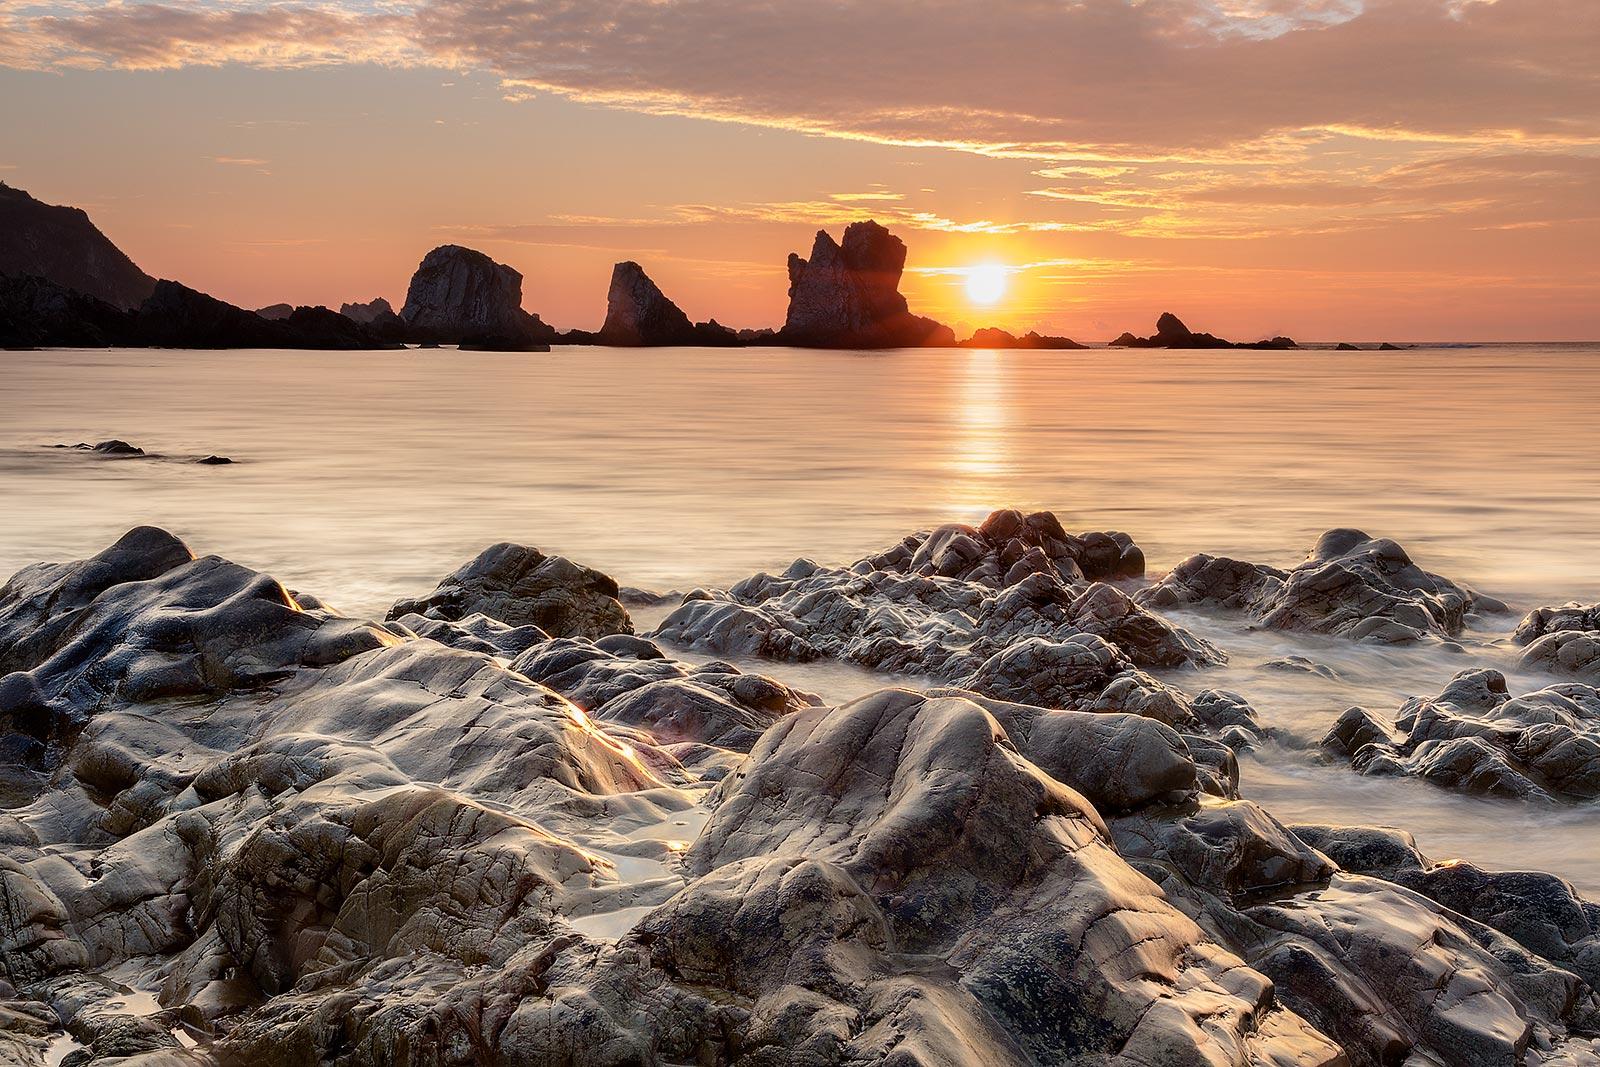 Paisaje atardecer, puesta de sol en la playa del silencio en Asturias, larga exposición